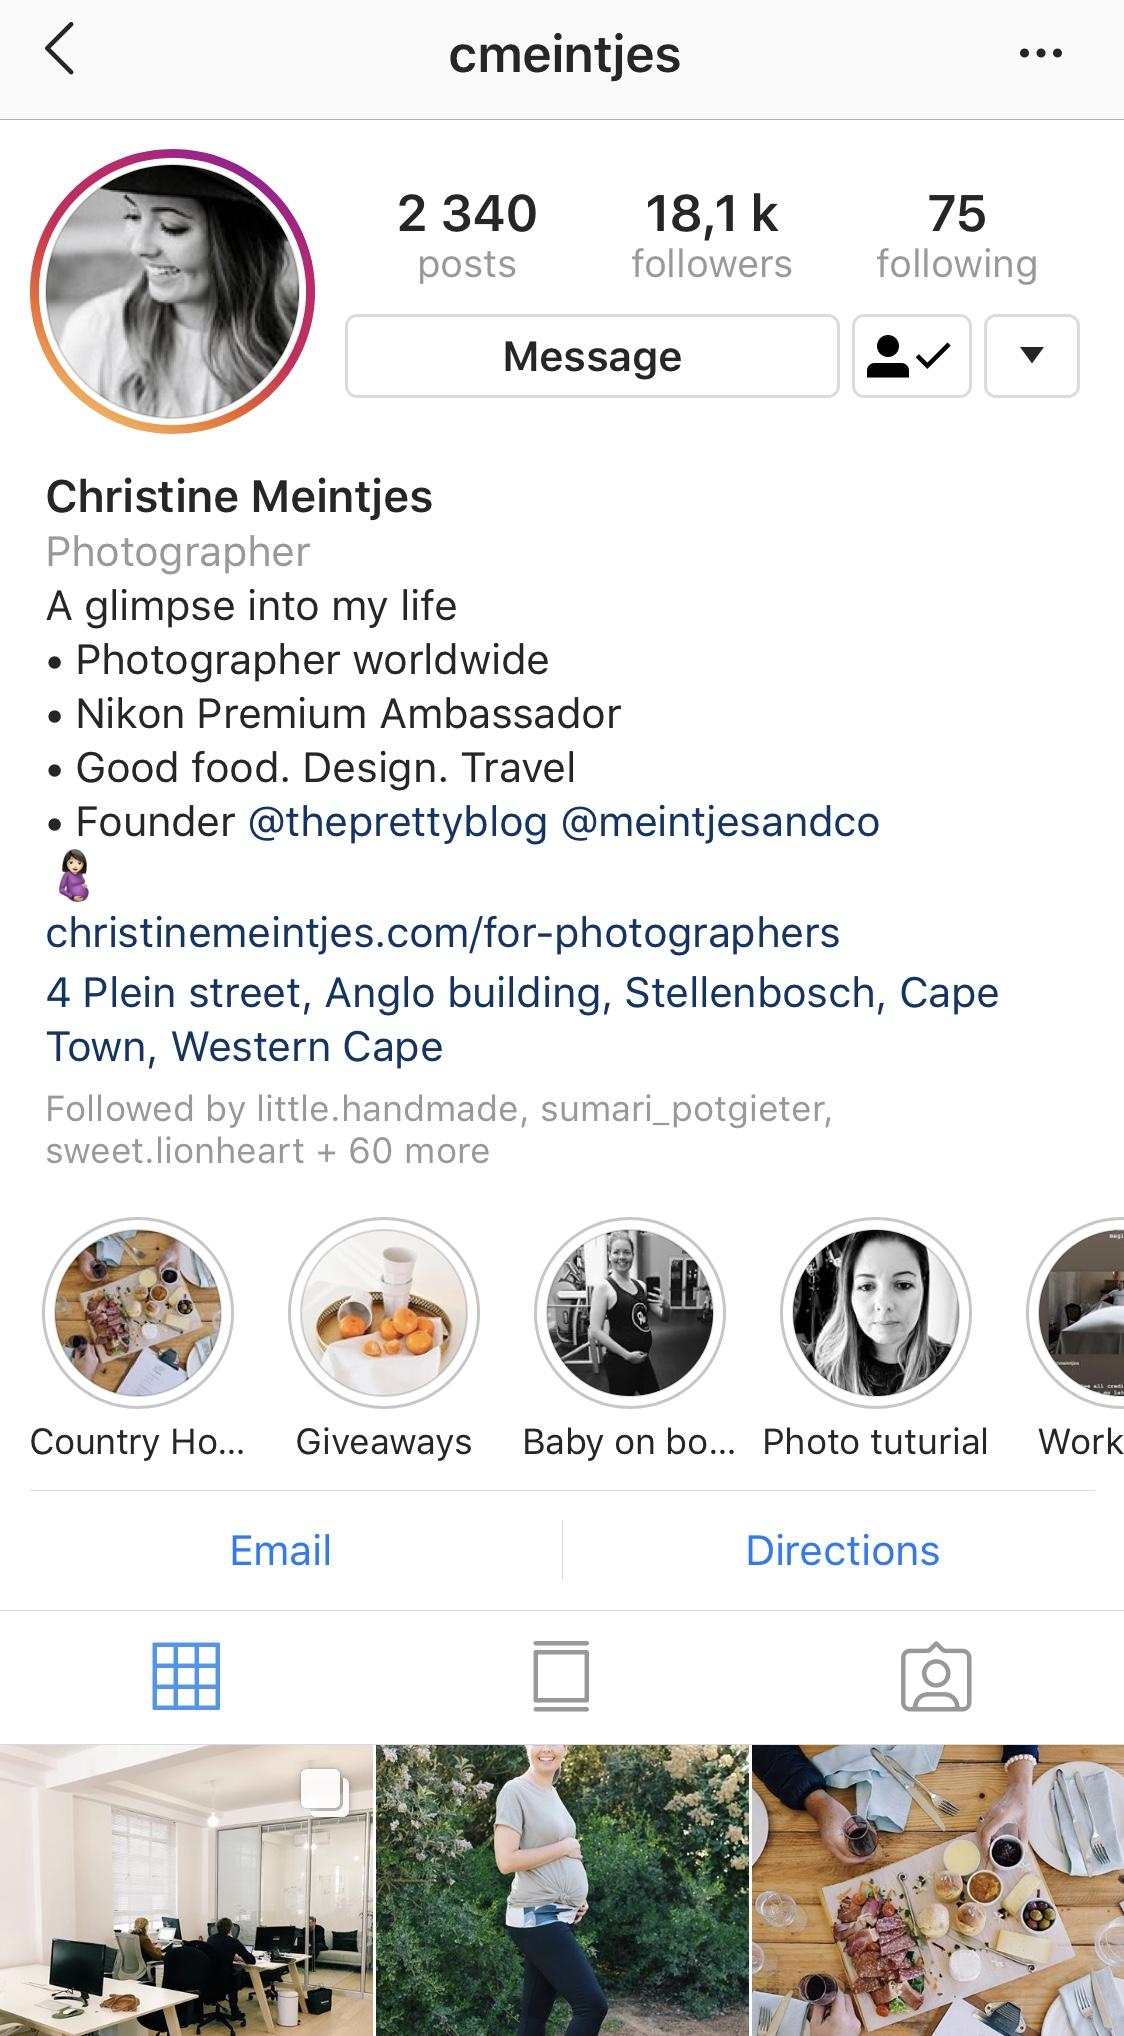 Christine Meintjes Instagram